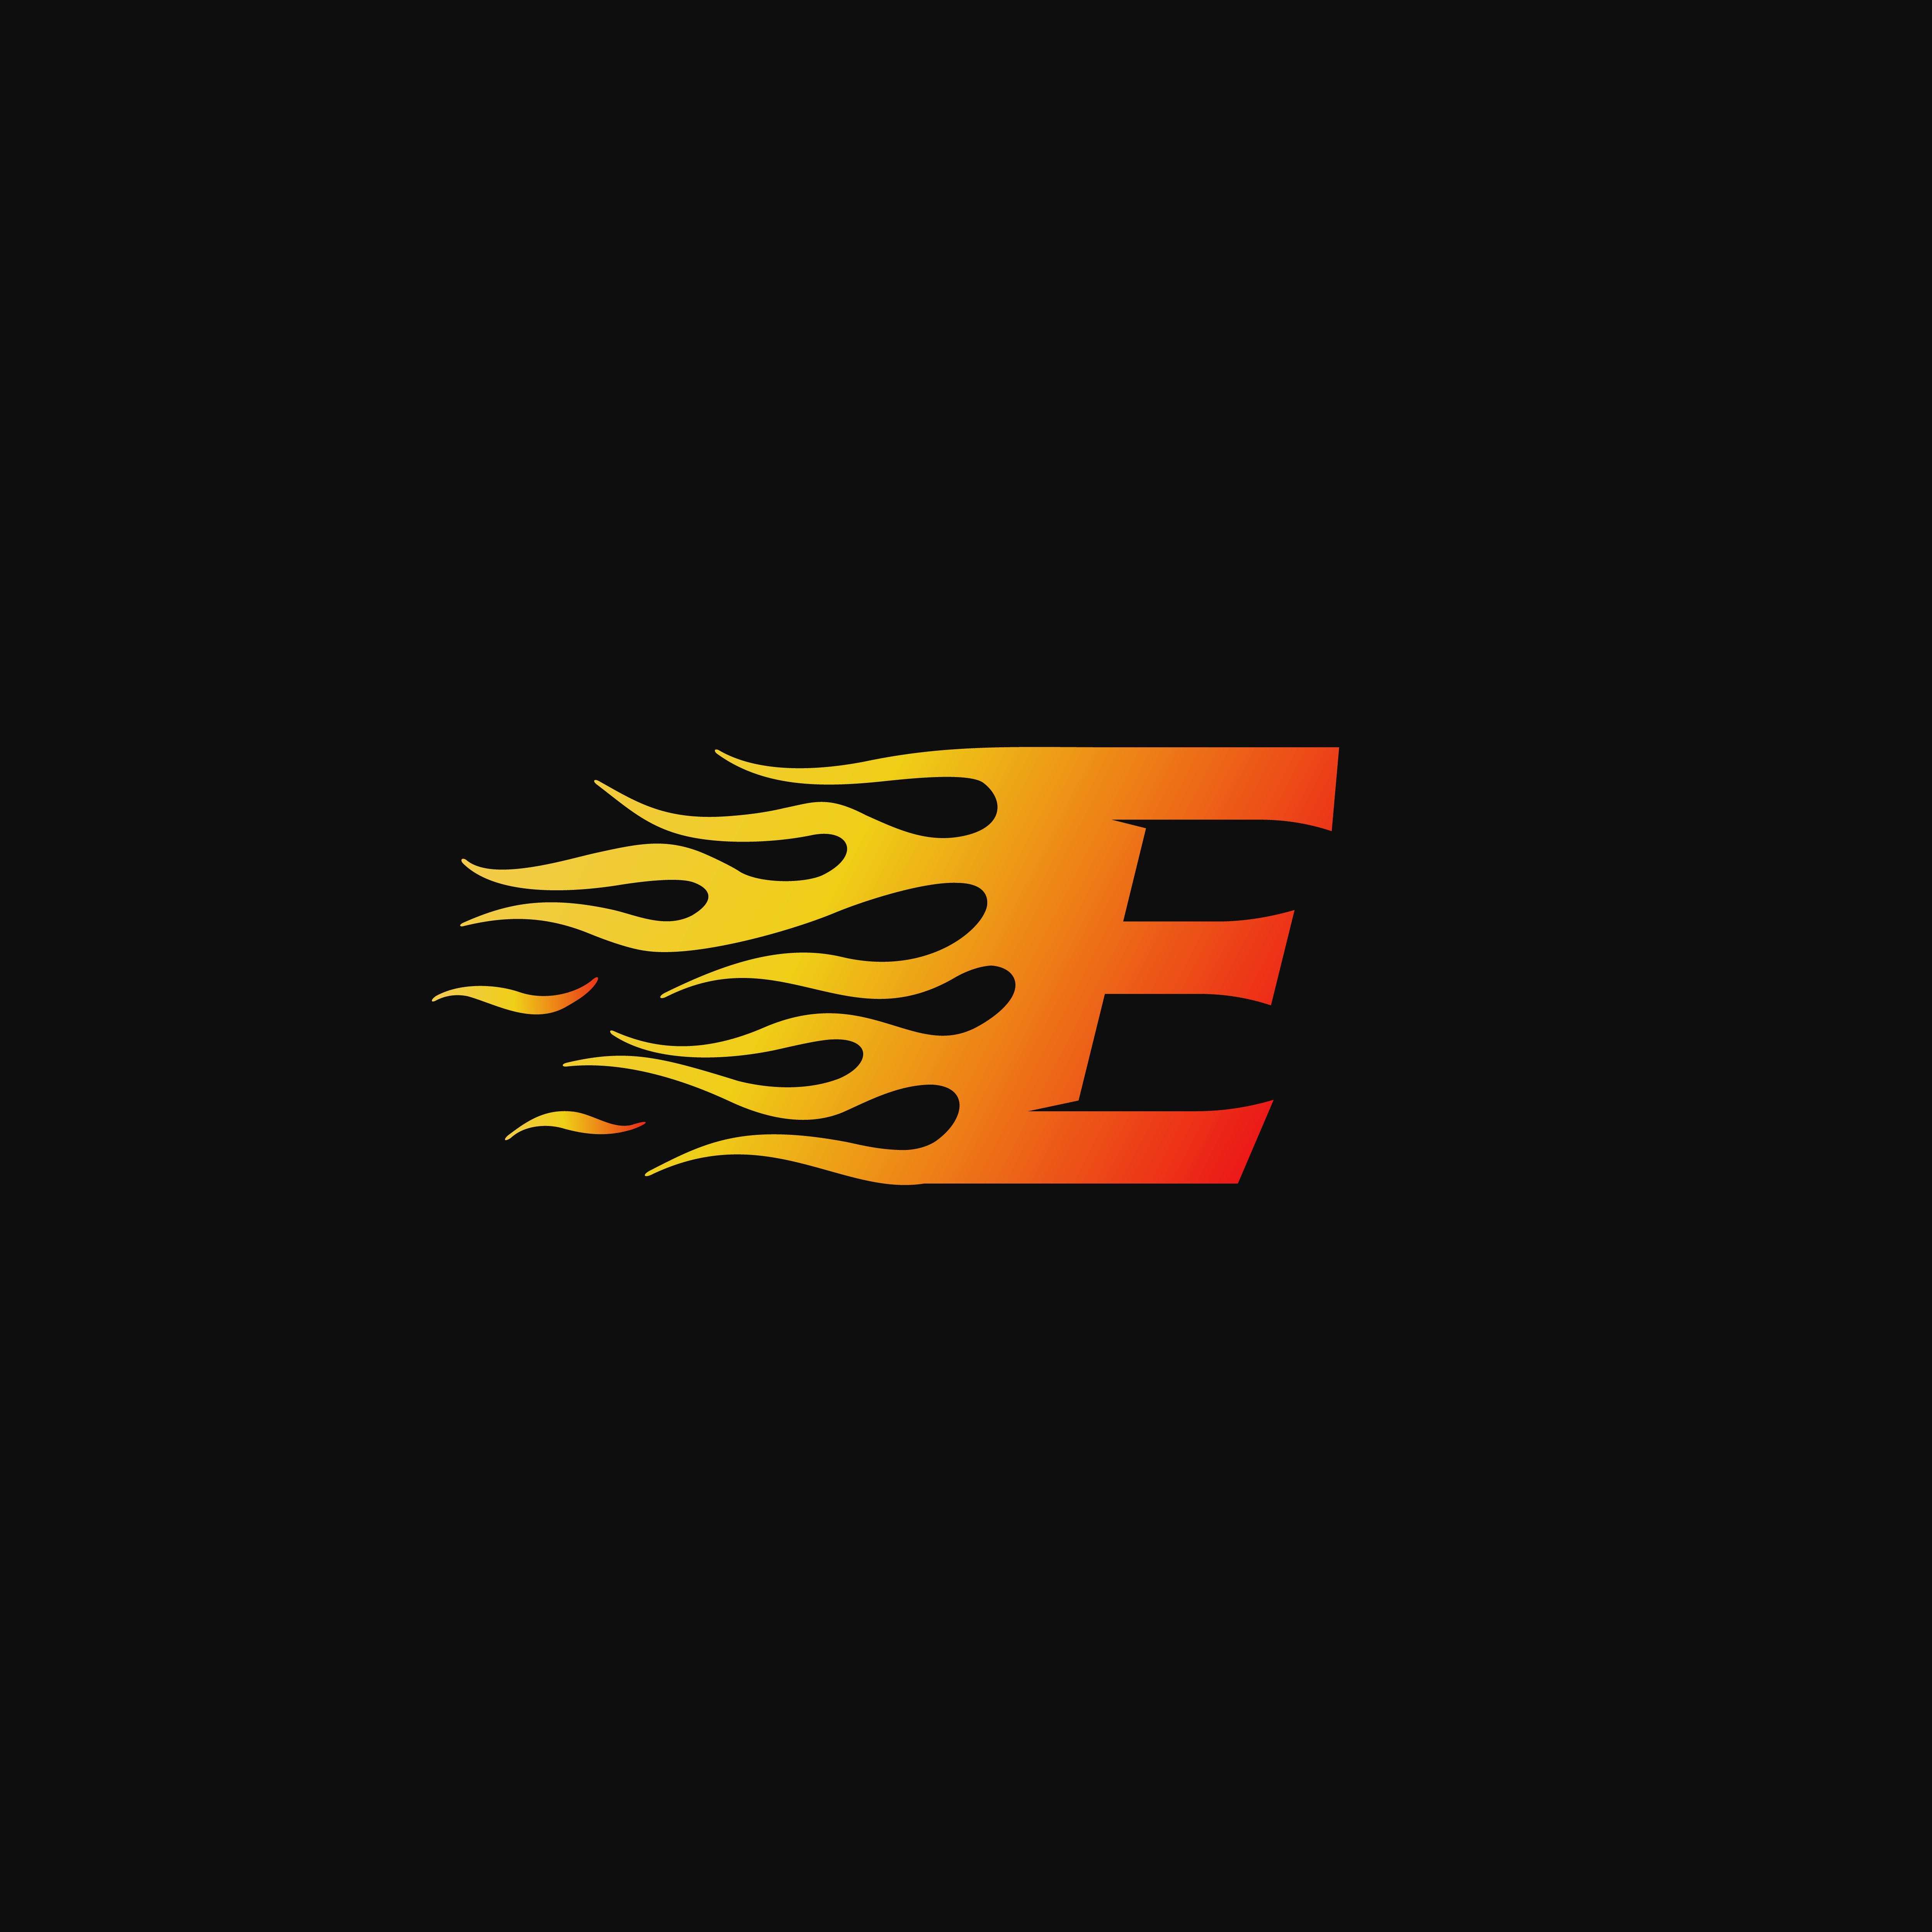 Letter E Burning Flame Logo Design Template